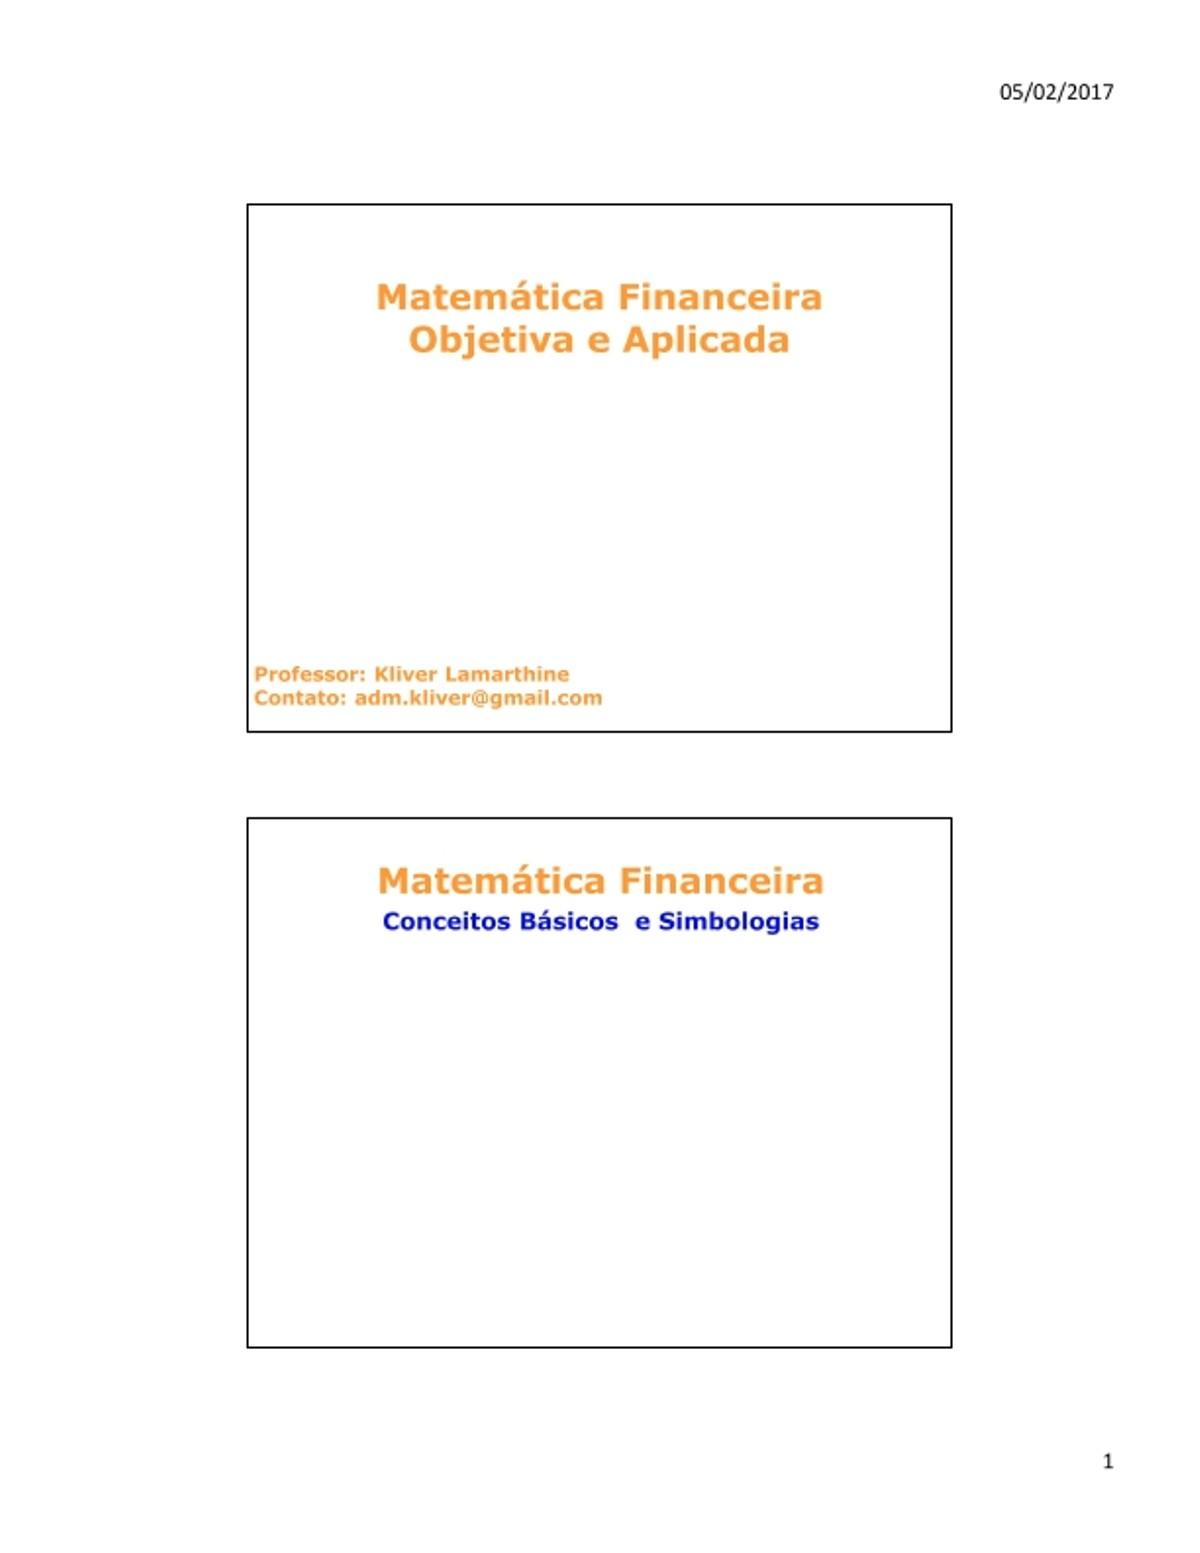 Pre-visualização do material Matematica Financeira - Conceitos Basicos e Simbologia - página 1